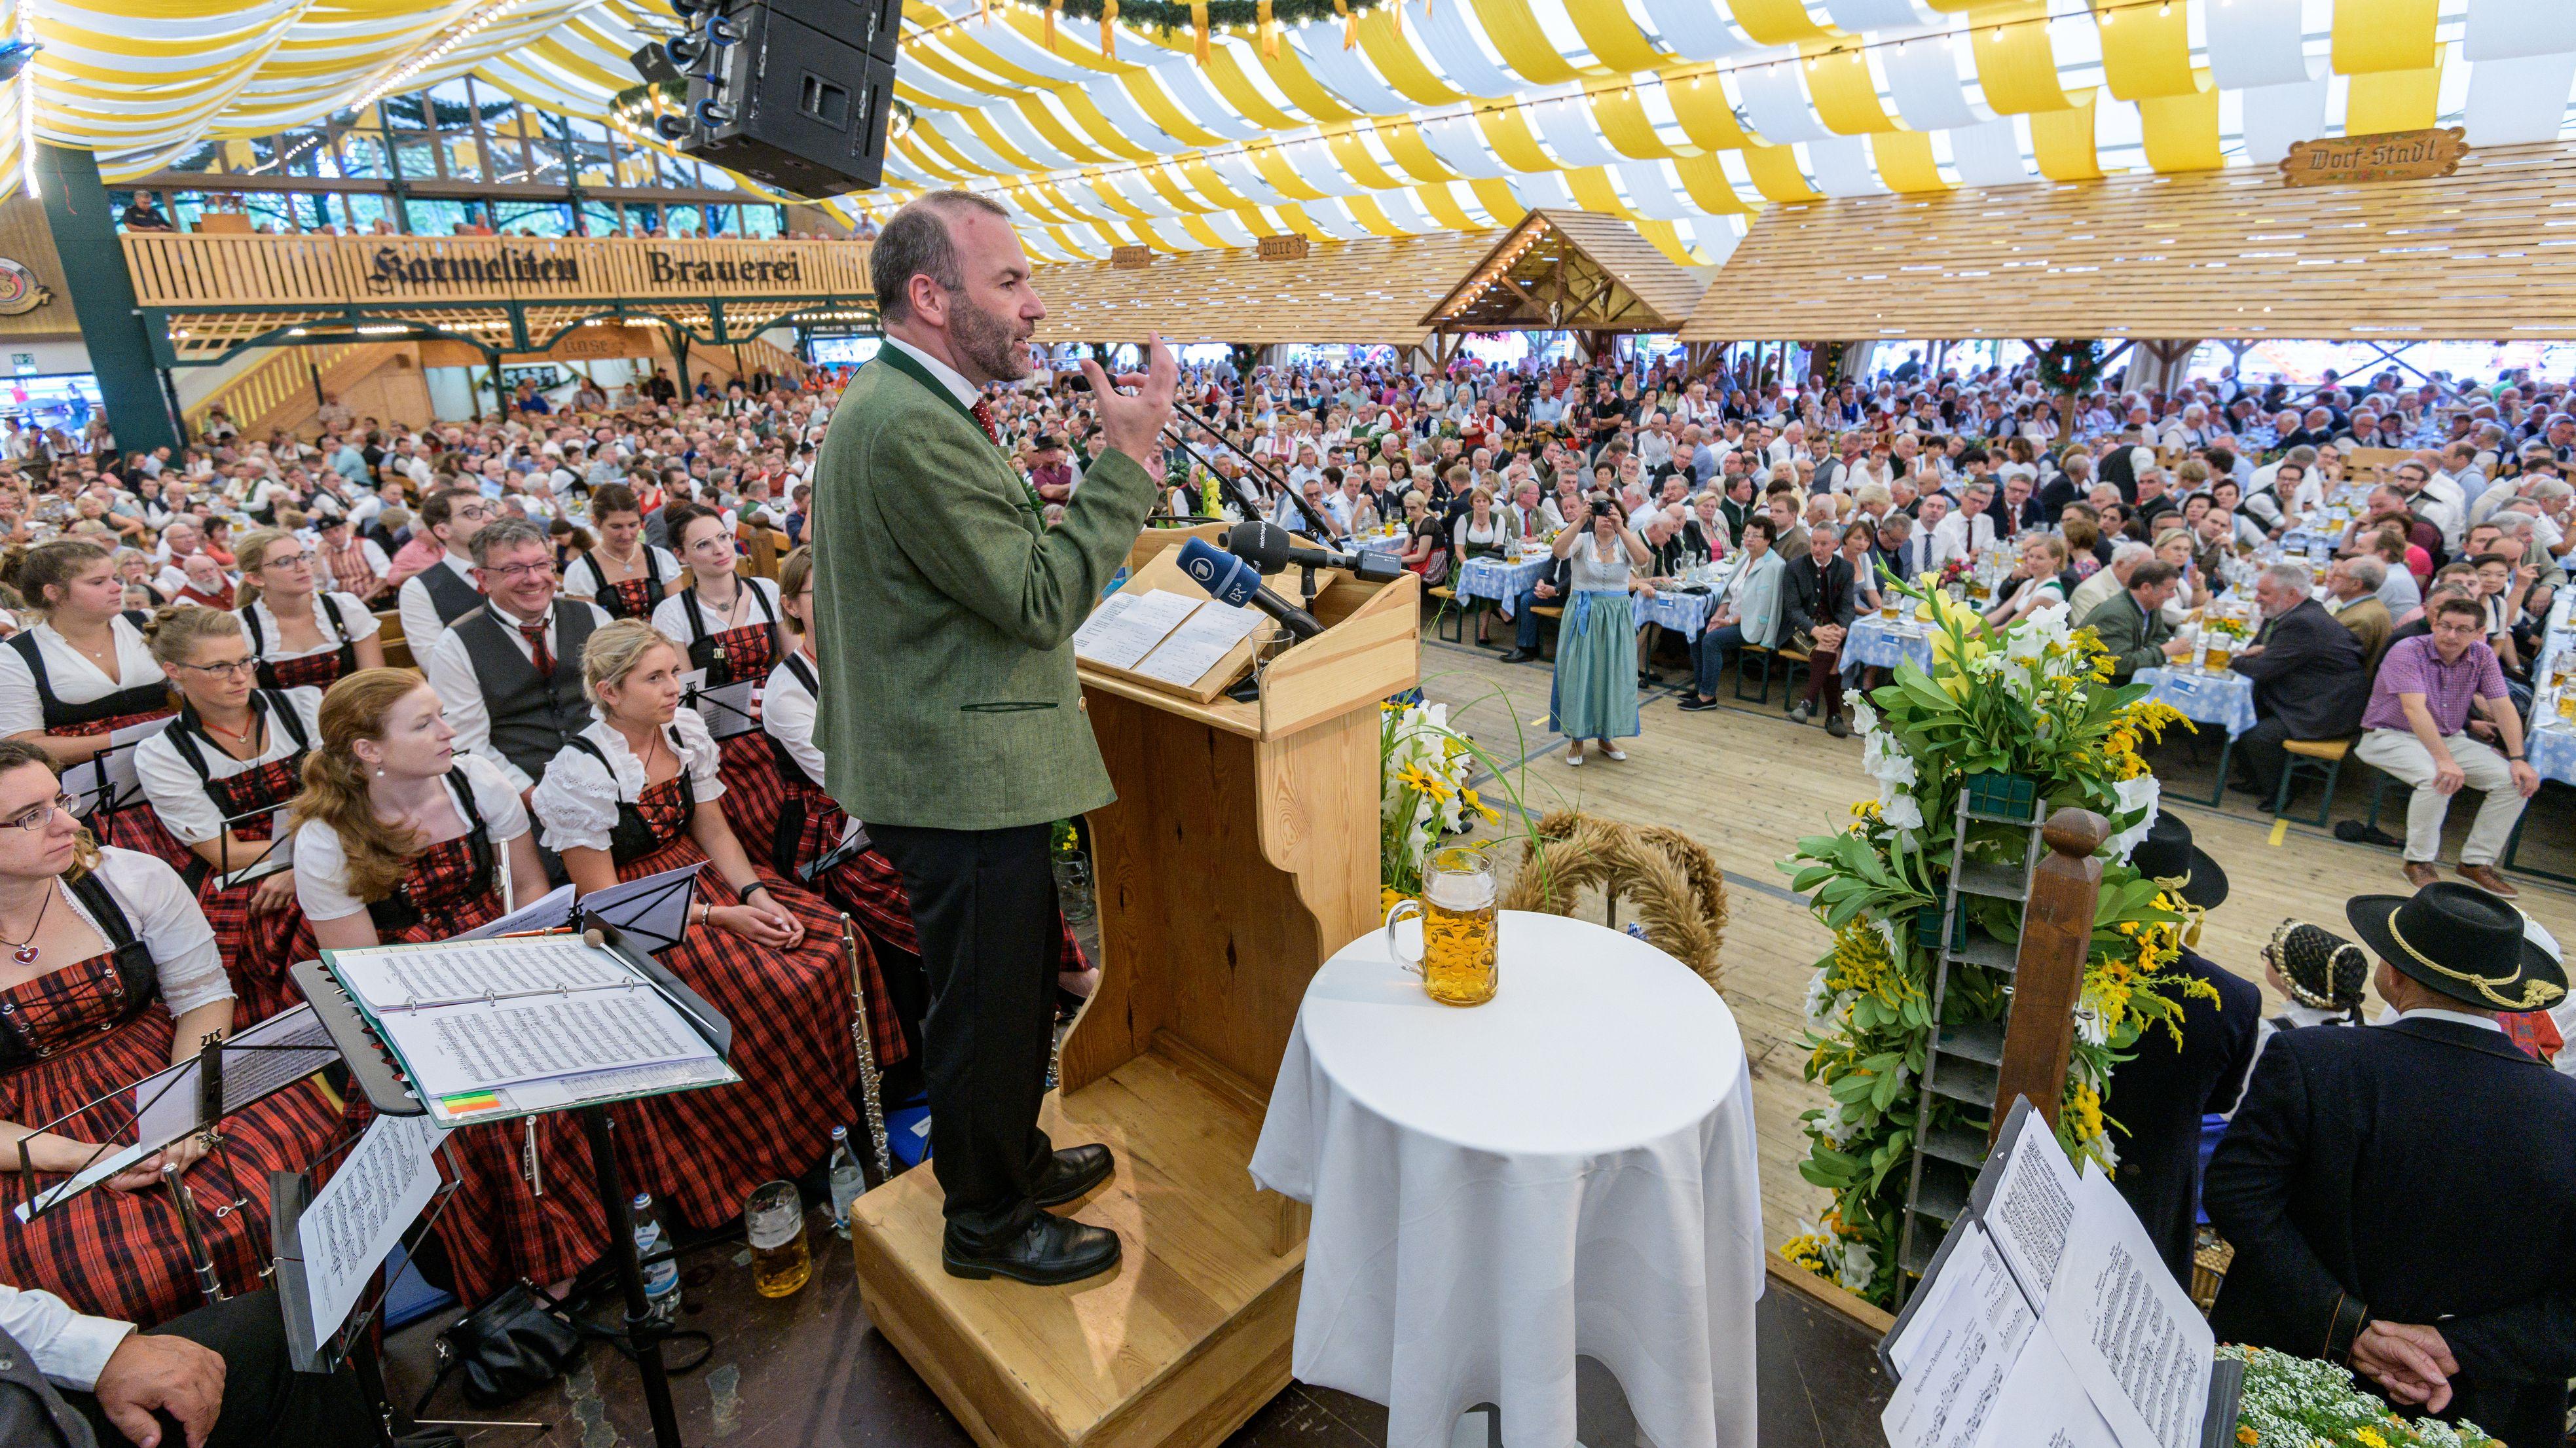 Manfred Weber während seiner Rede.